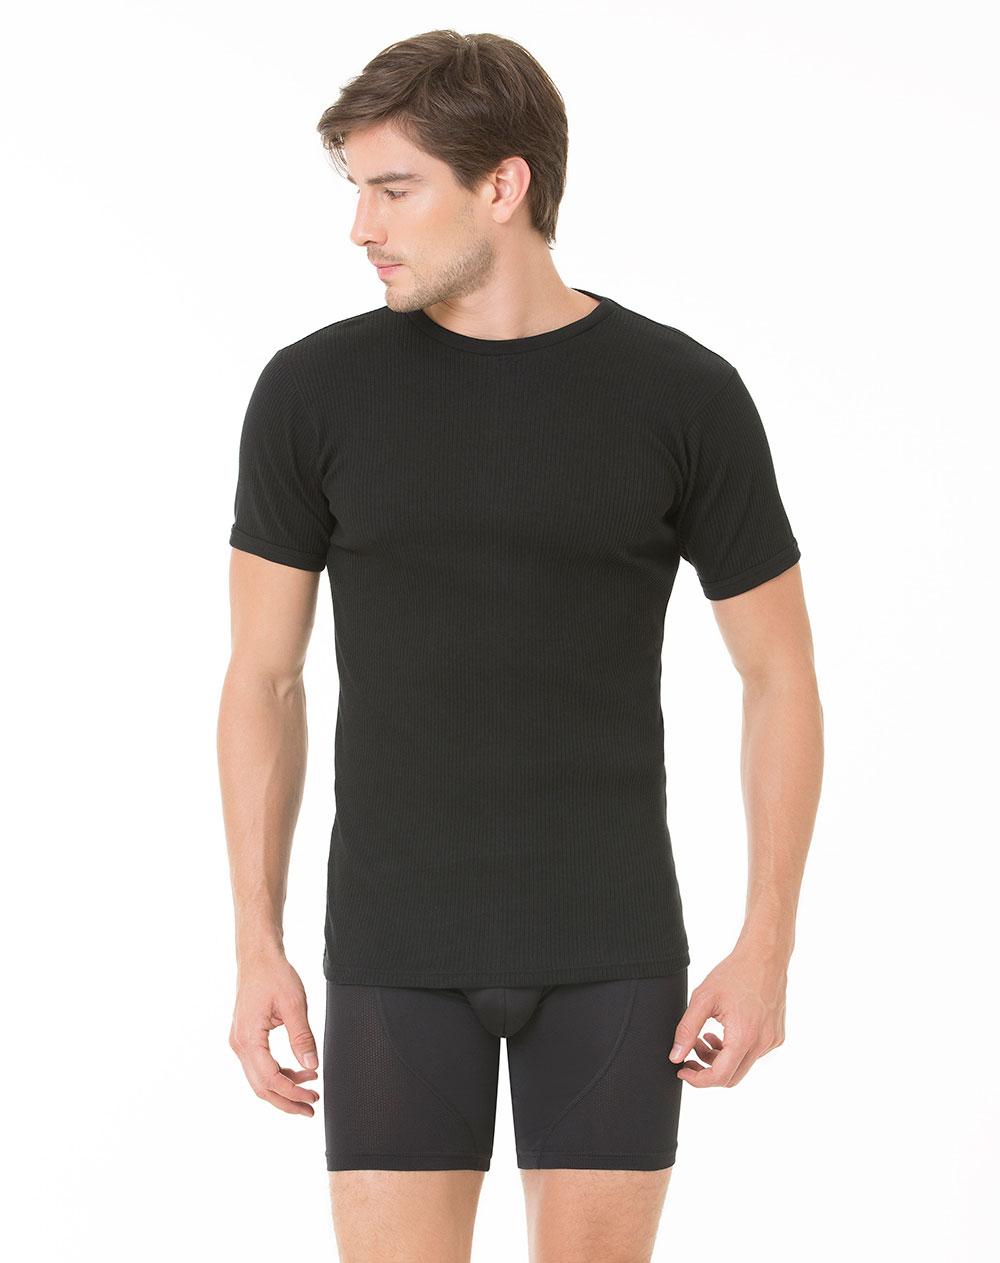 Camiseta para hombre lombardo negra s gef for Camisetas de interior hombre